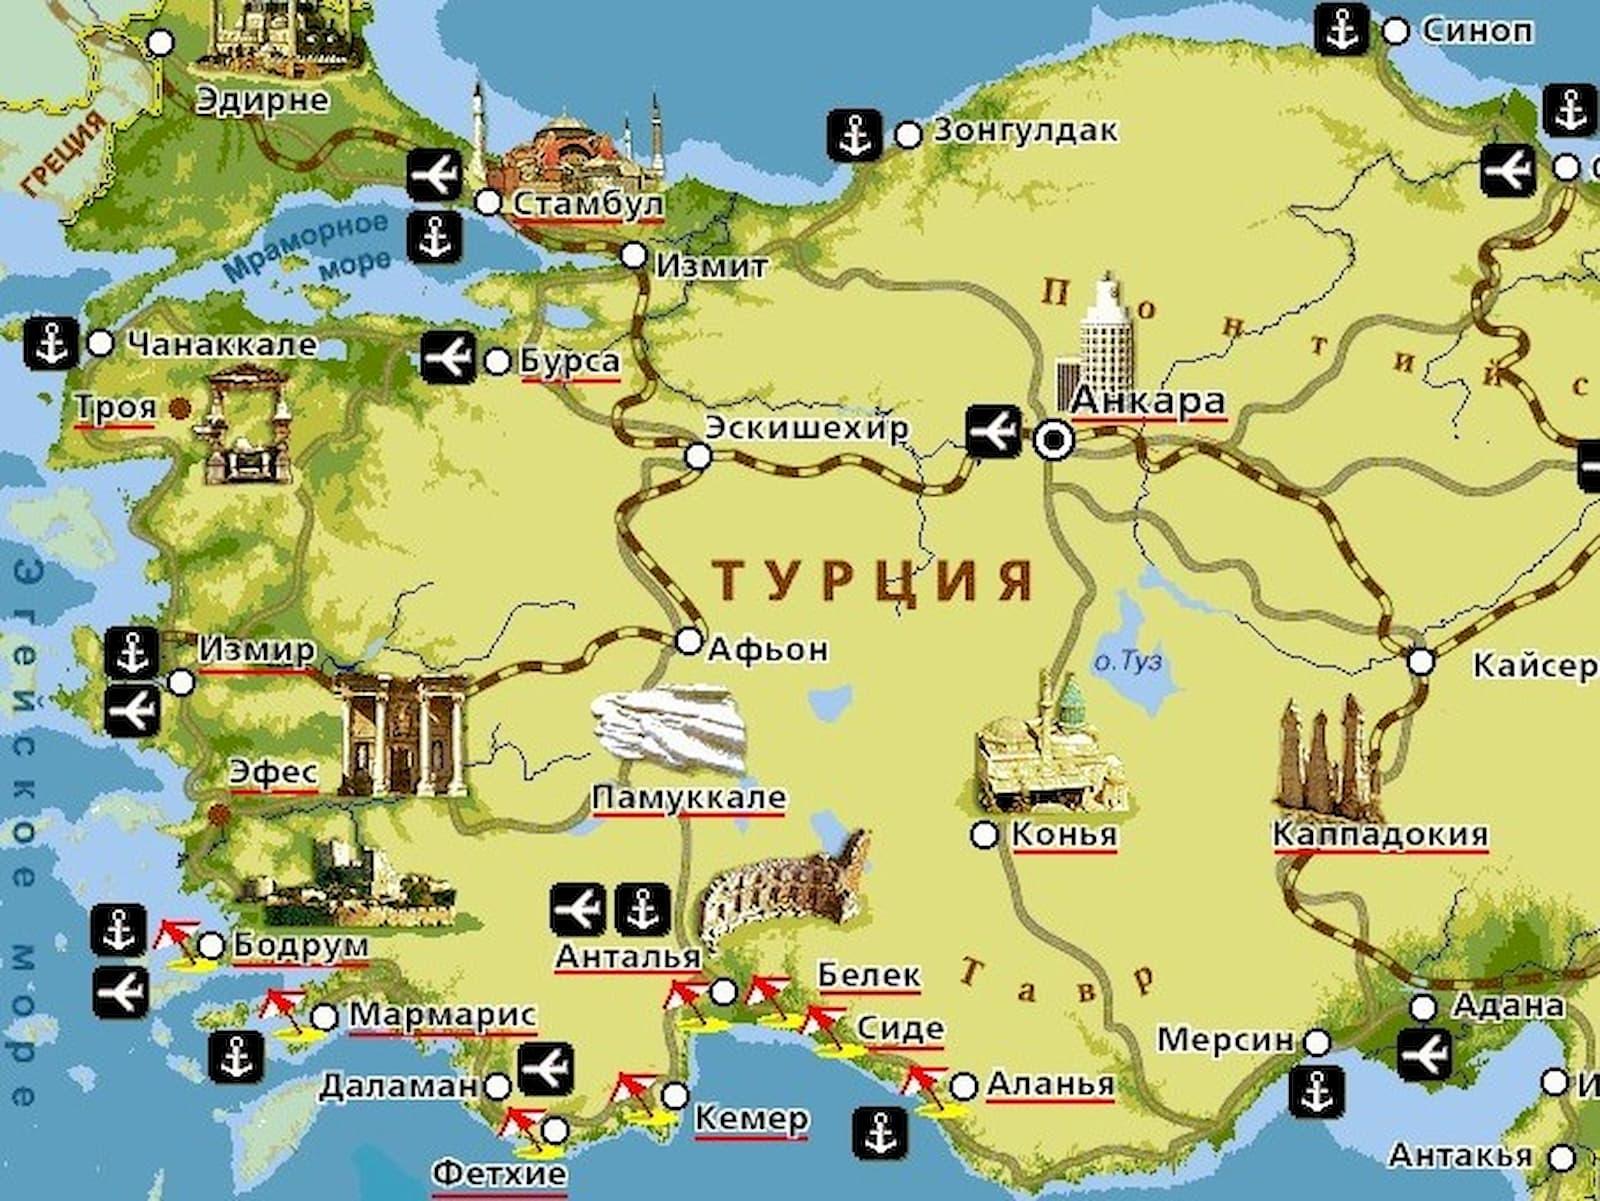 Карта с курортами Турции – где, почем, чем заняться и куда ехать.